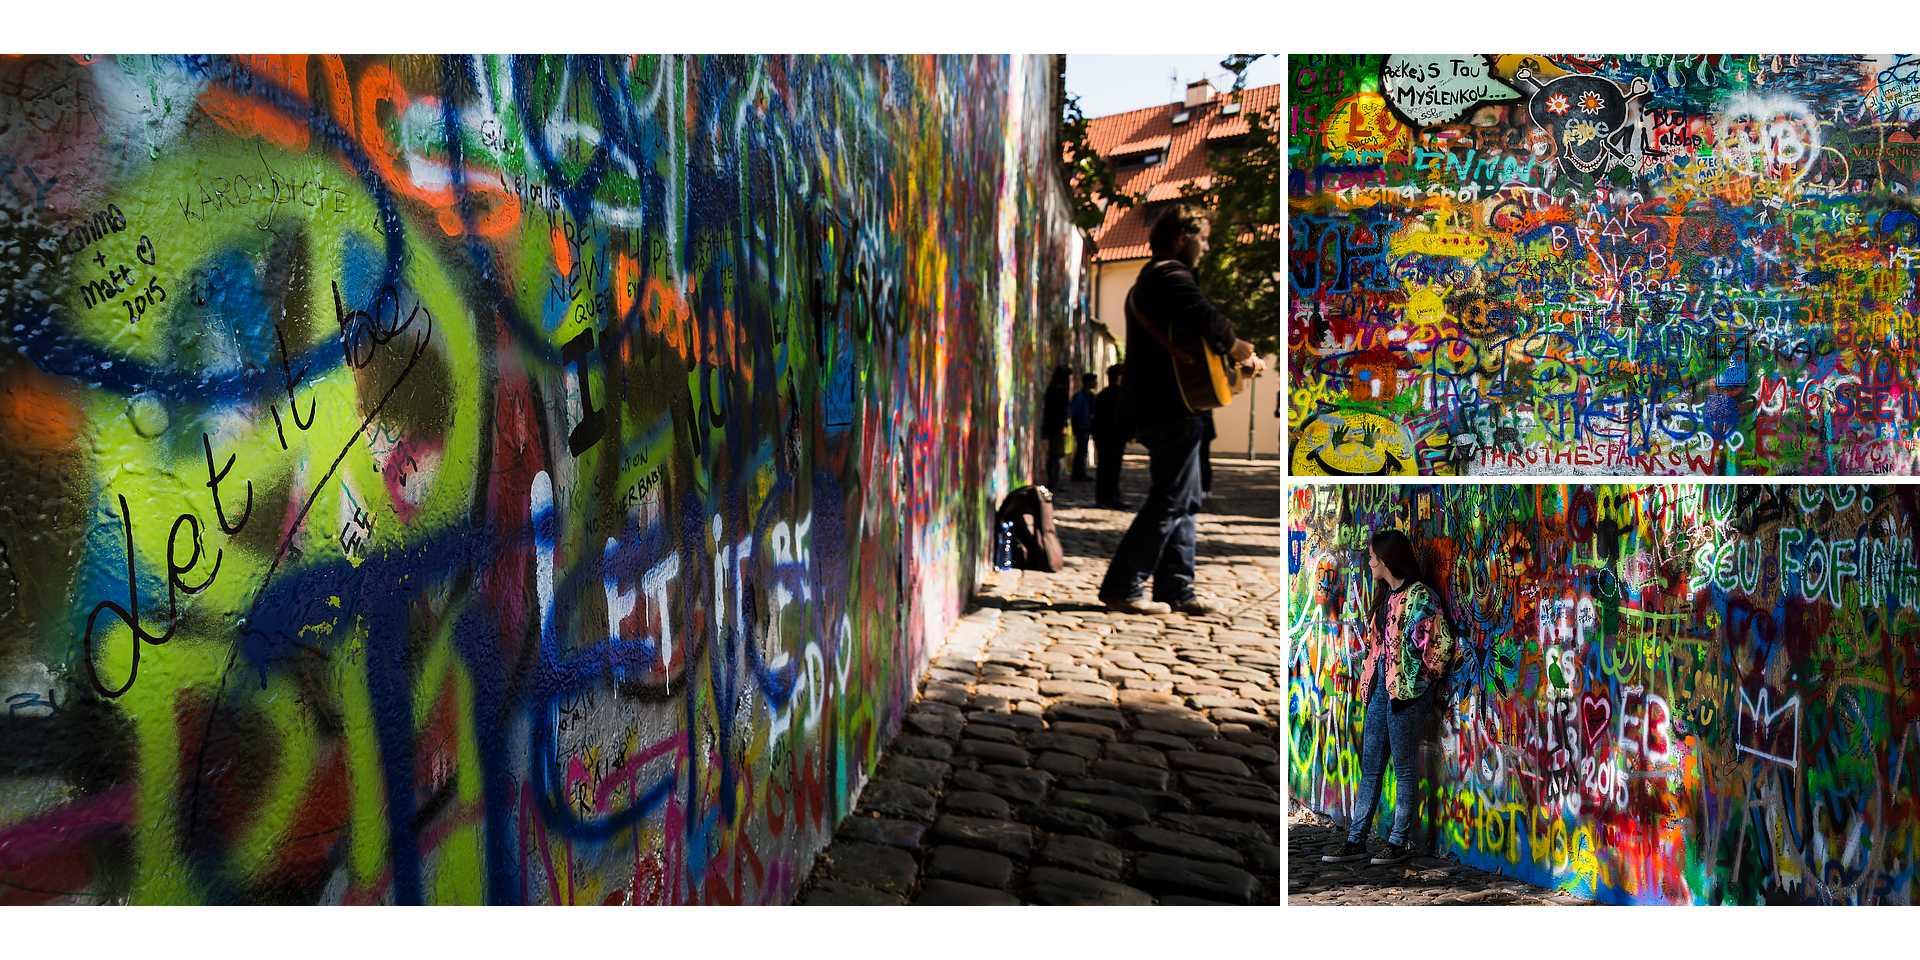 Live your Life - descubre Praga - Lennonova zeď